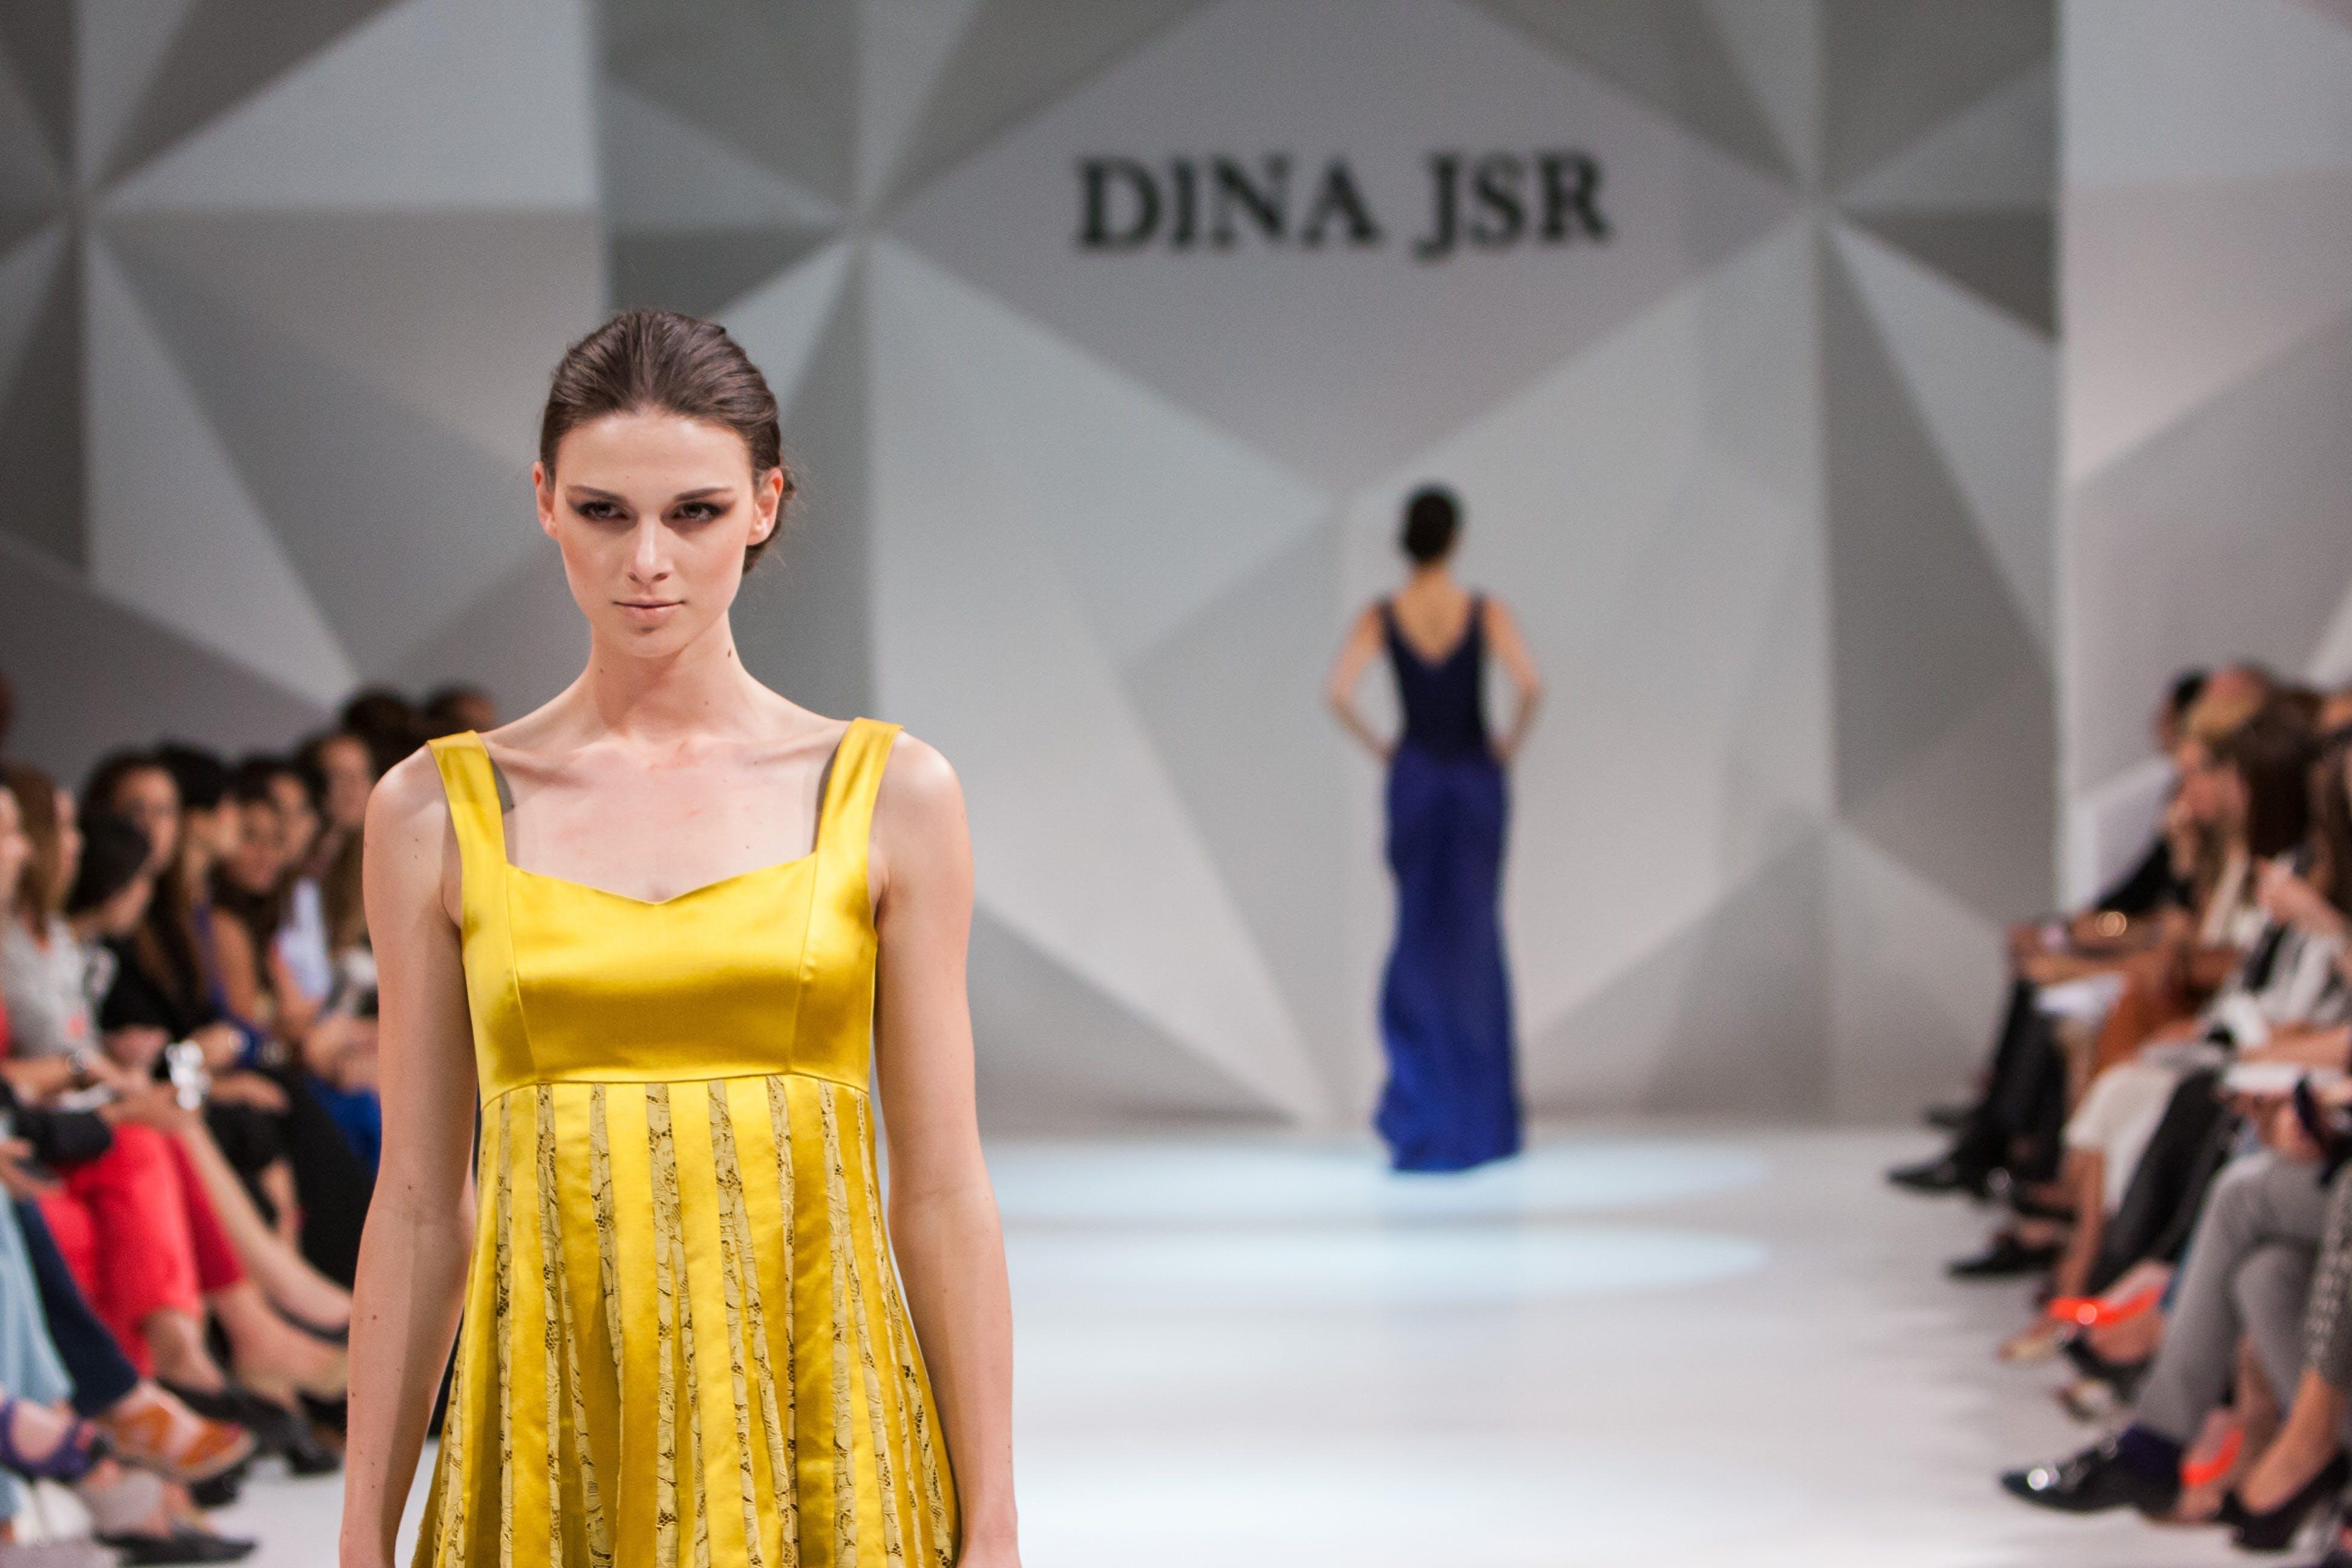 Women Walking on Catwalk on Dina Jsr Modeling